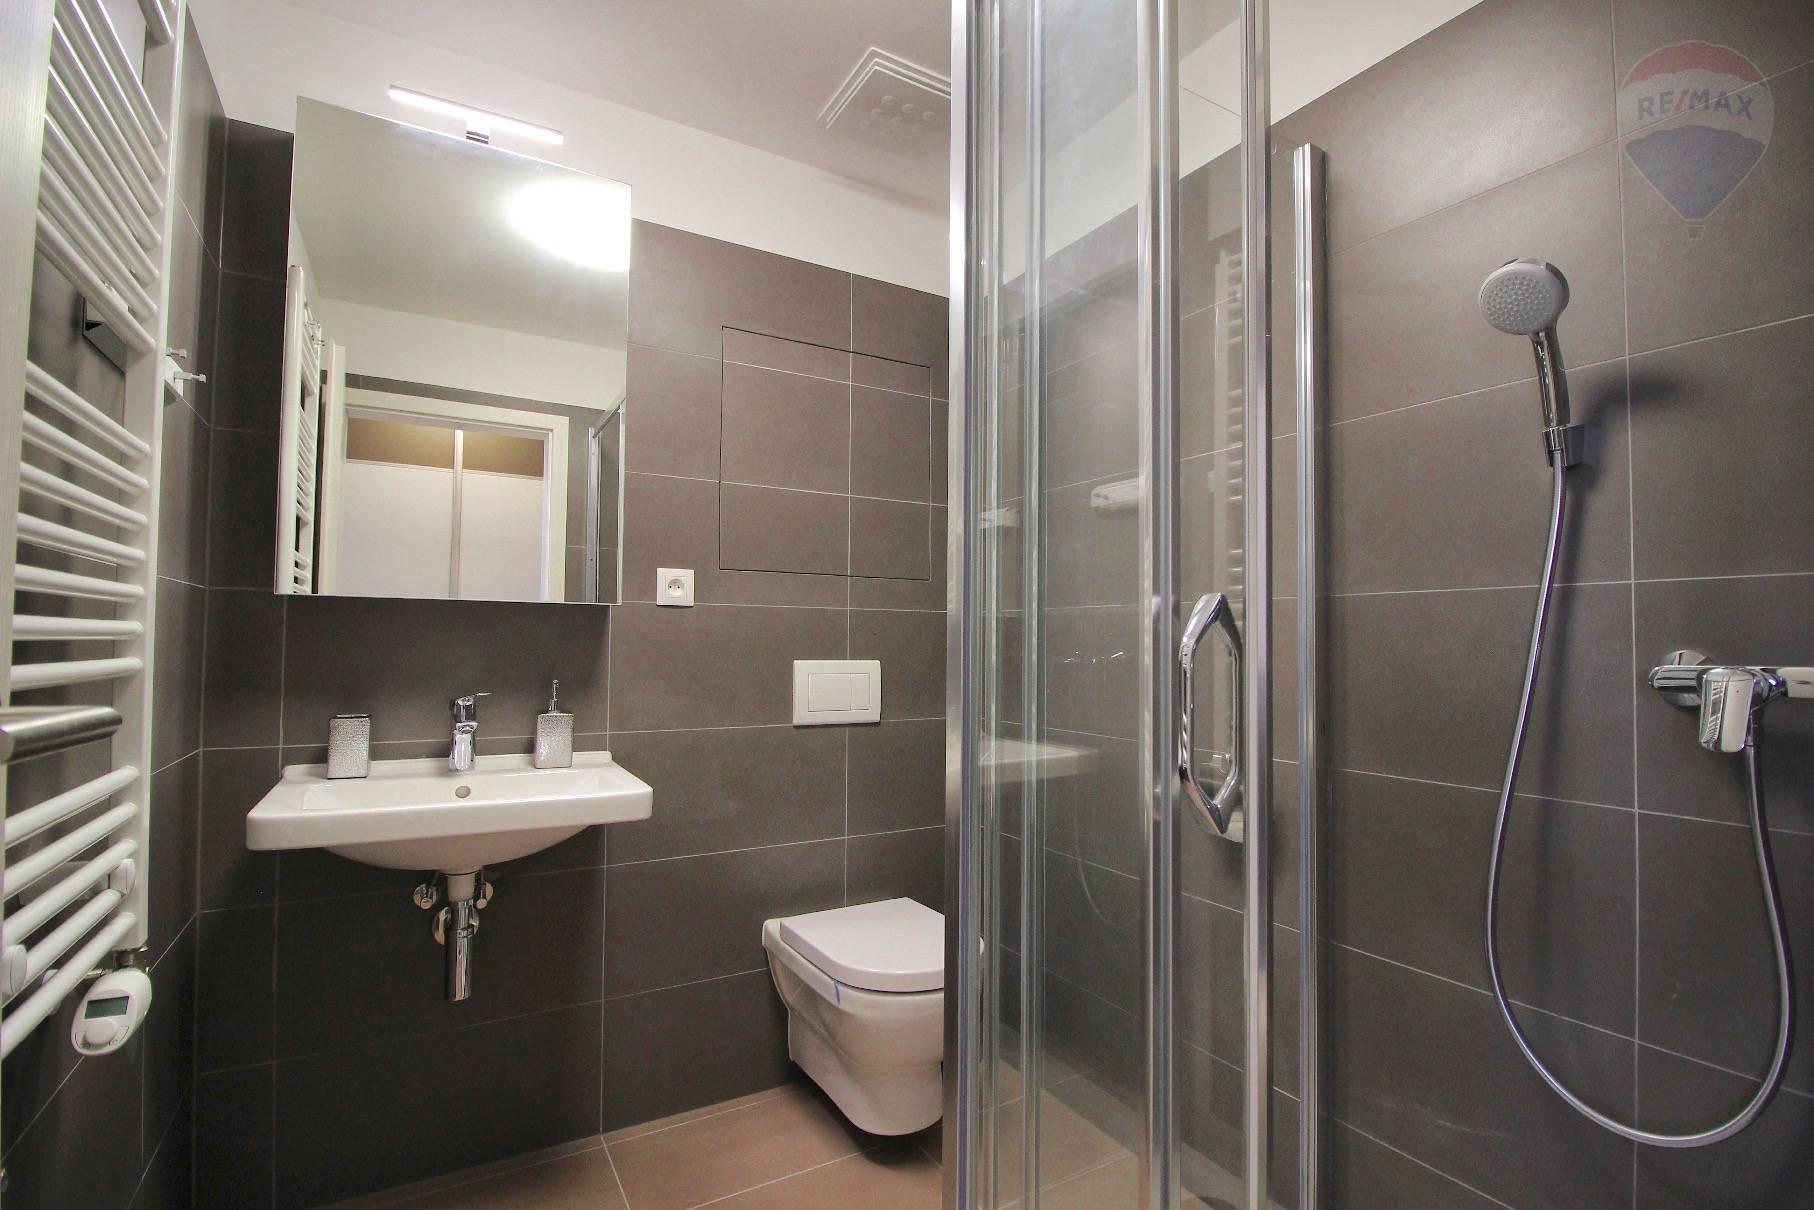 Prenájom bytu (2 izbový) 39 m2, Bratislava - Devínska Nová Ves - ŠTÝLOVÝ A MODERNÝ BYT V NOVOSTAVBE - EŠTE NEOBÝVANÝ - ZARIADENÝ - Bory Bývanie - Top ponuka - Kúpeľňa